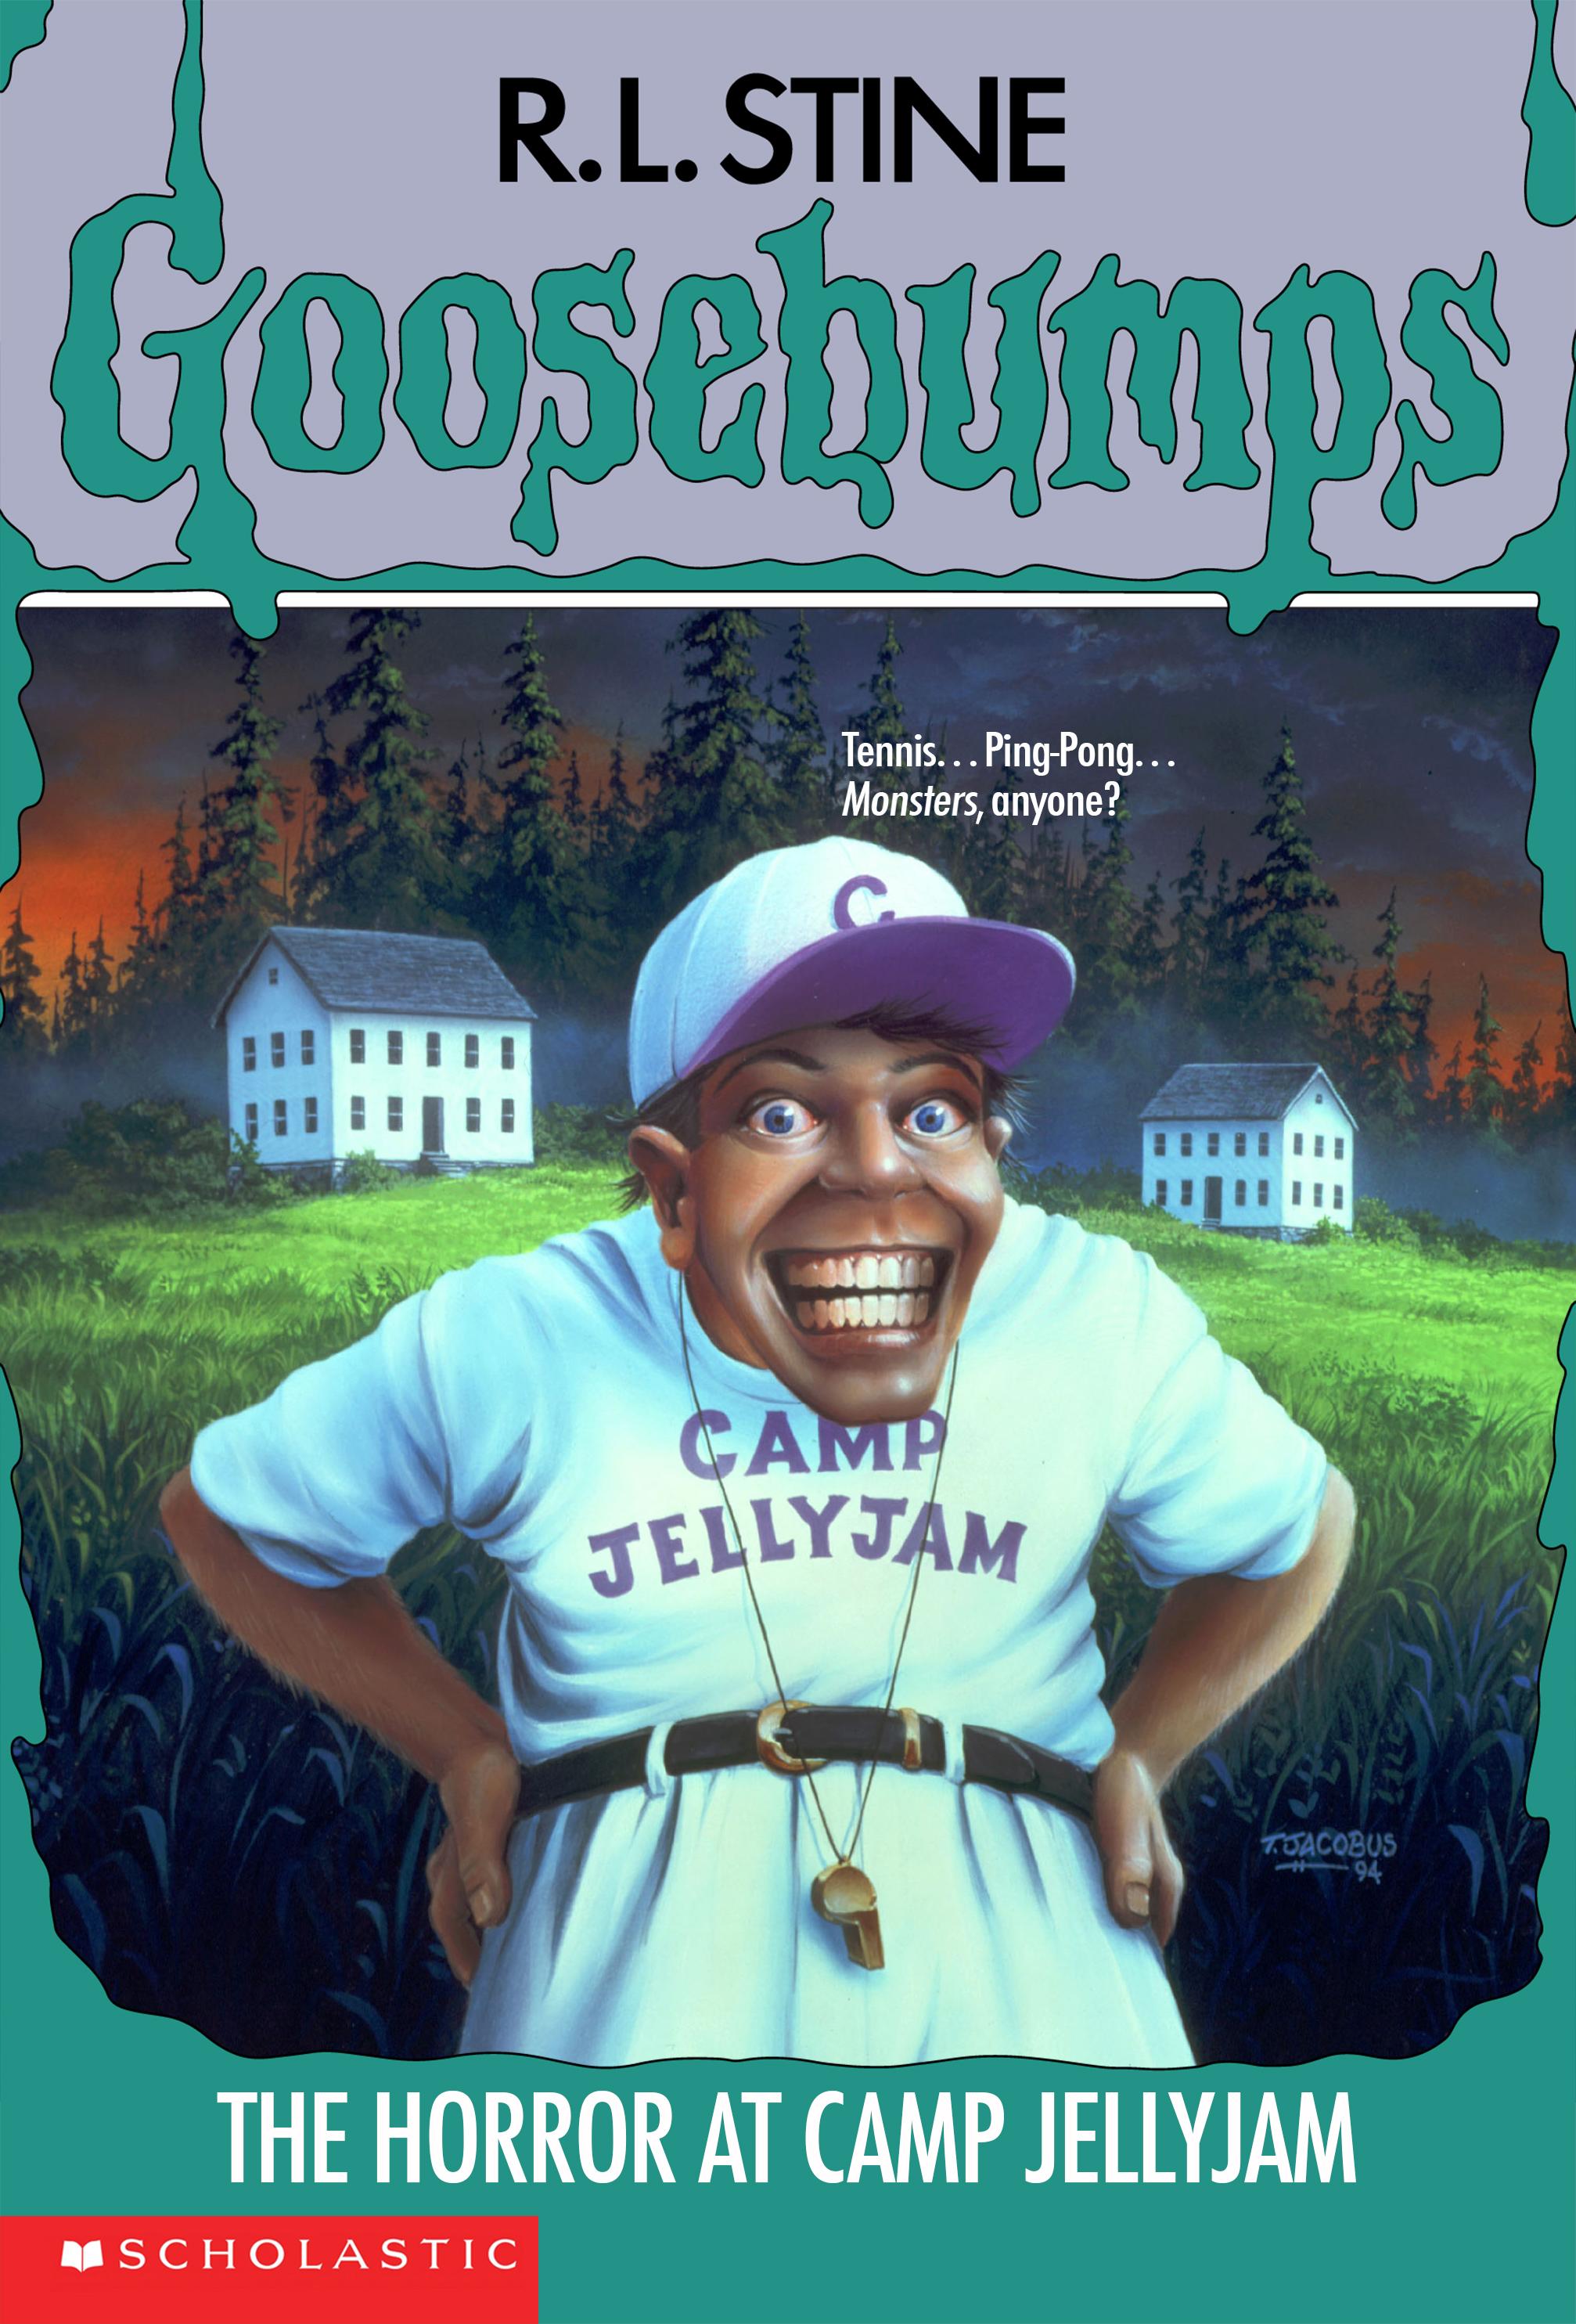 Goosebumps images the horror at camp jellyjam hd wallpaper - Goosebumps wallpaper ...